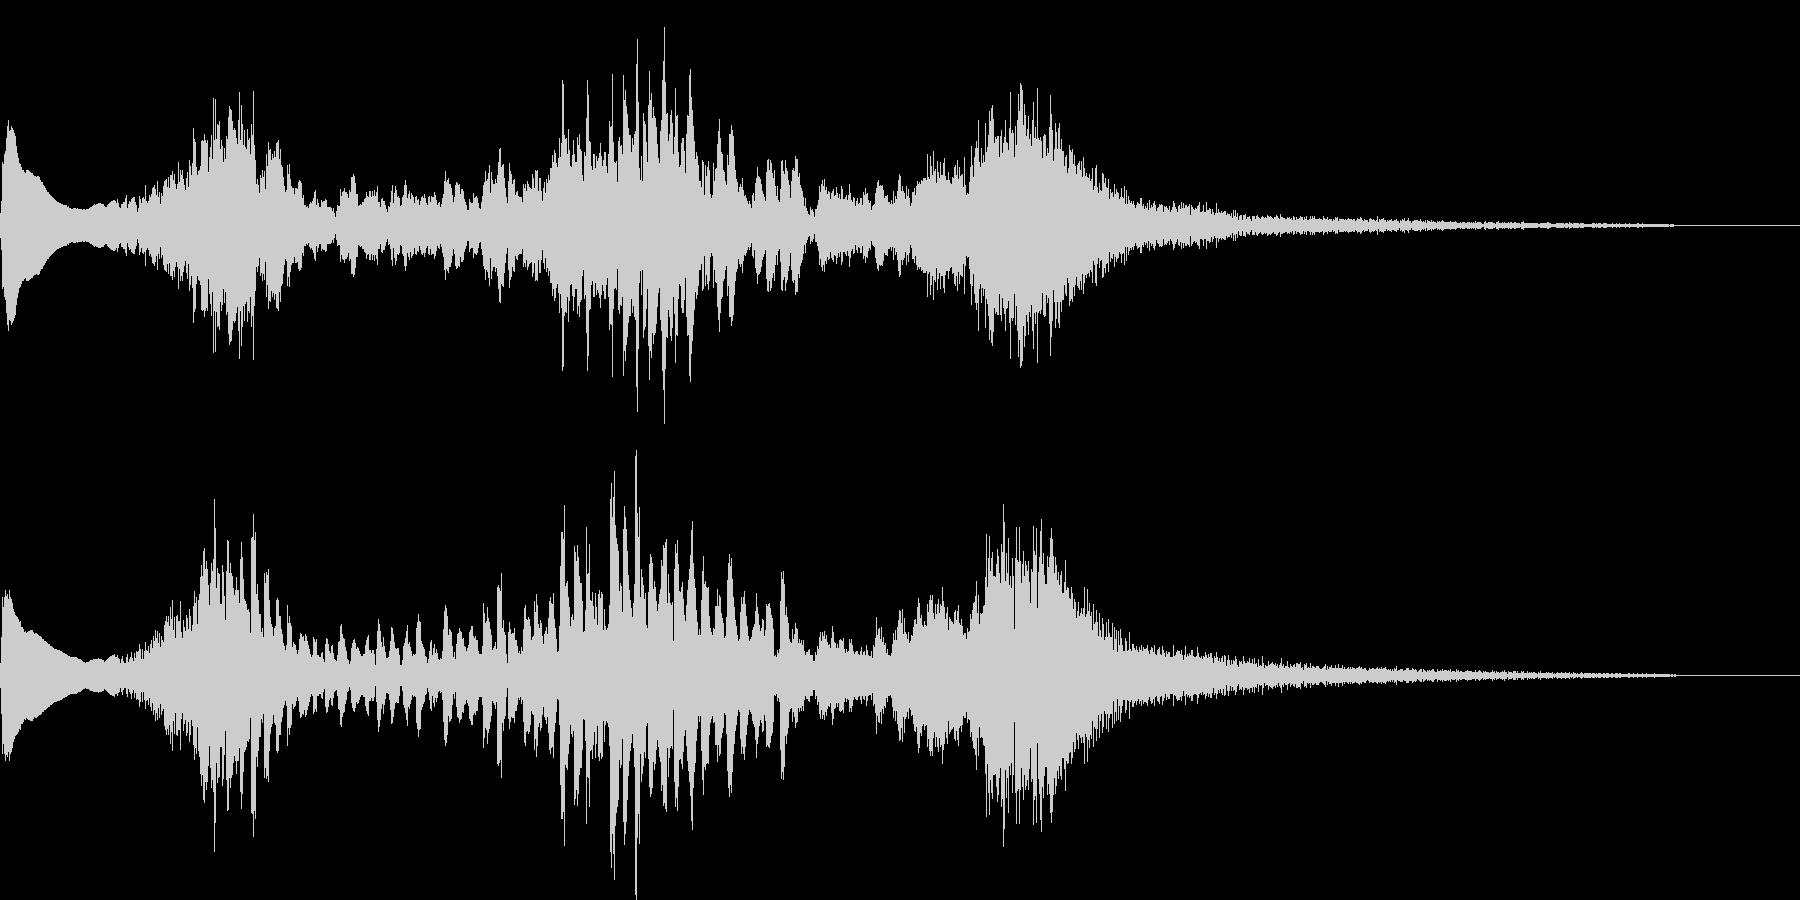 和風な琴のジングルの未再生の波形